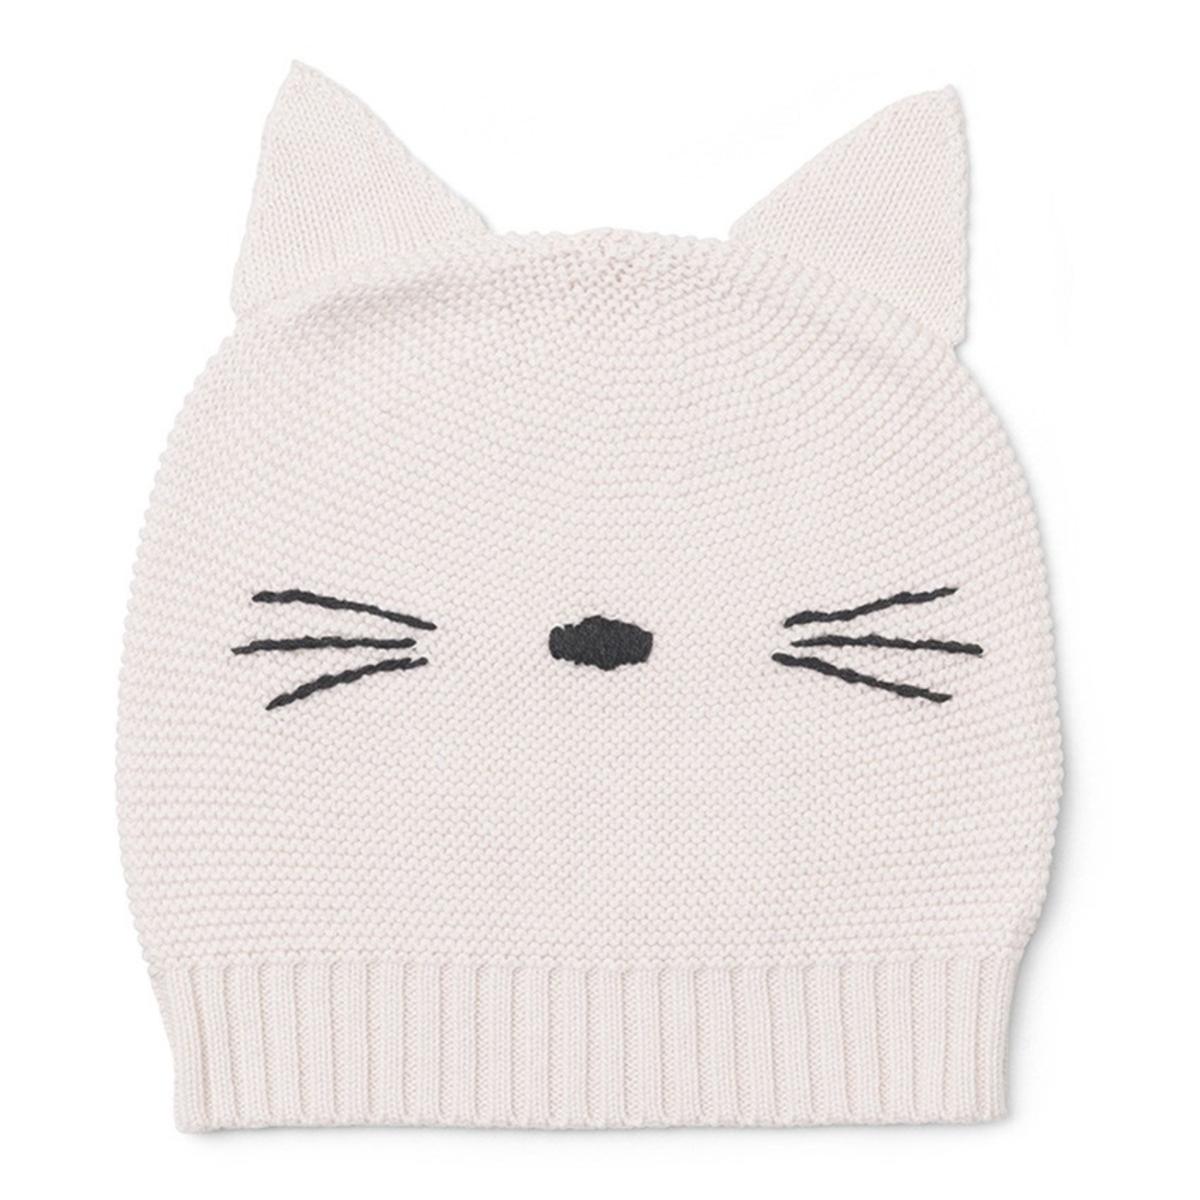 Accessoires Bébé Bonnet Viggo Cat Sweet Rose - 3/4 Ans Bonnet Viggo Cat Sweet Rose - 3/4 Ans